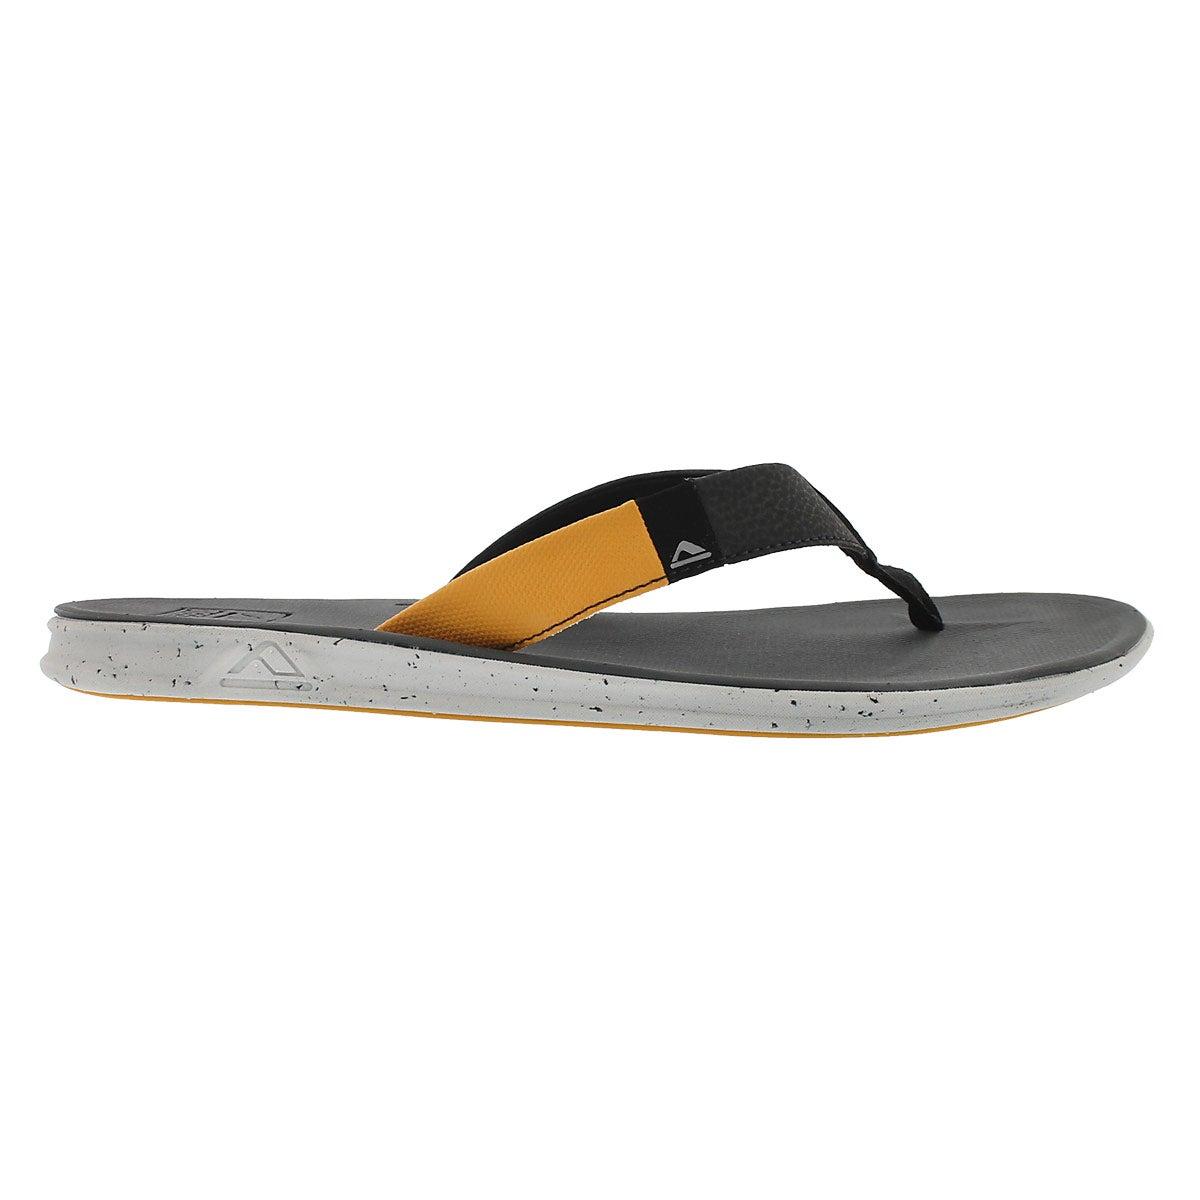 Sandale tong Slammed Rover, nr/jne, hom